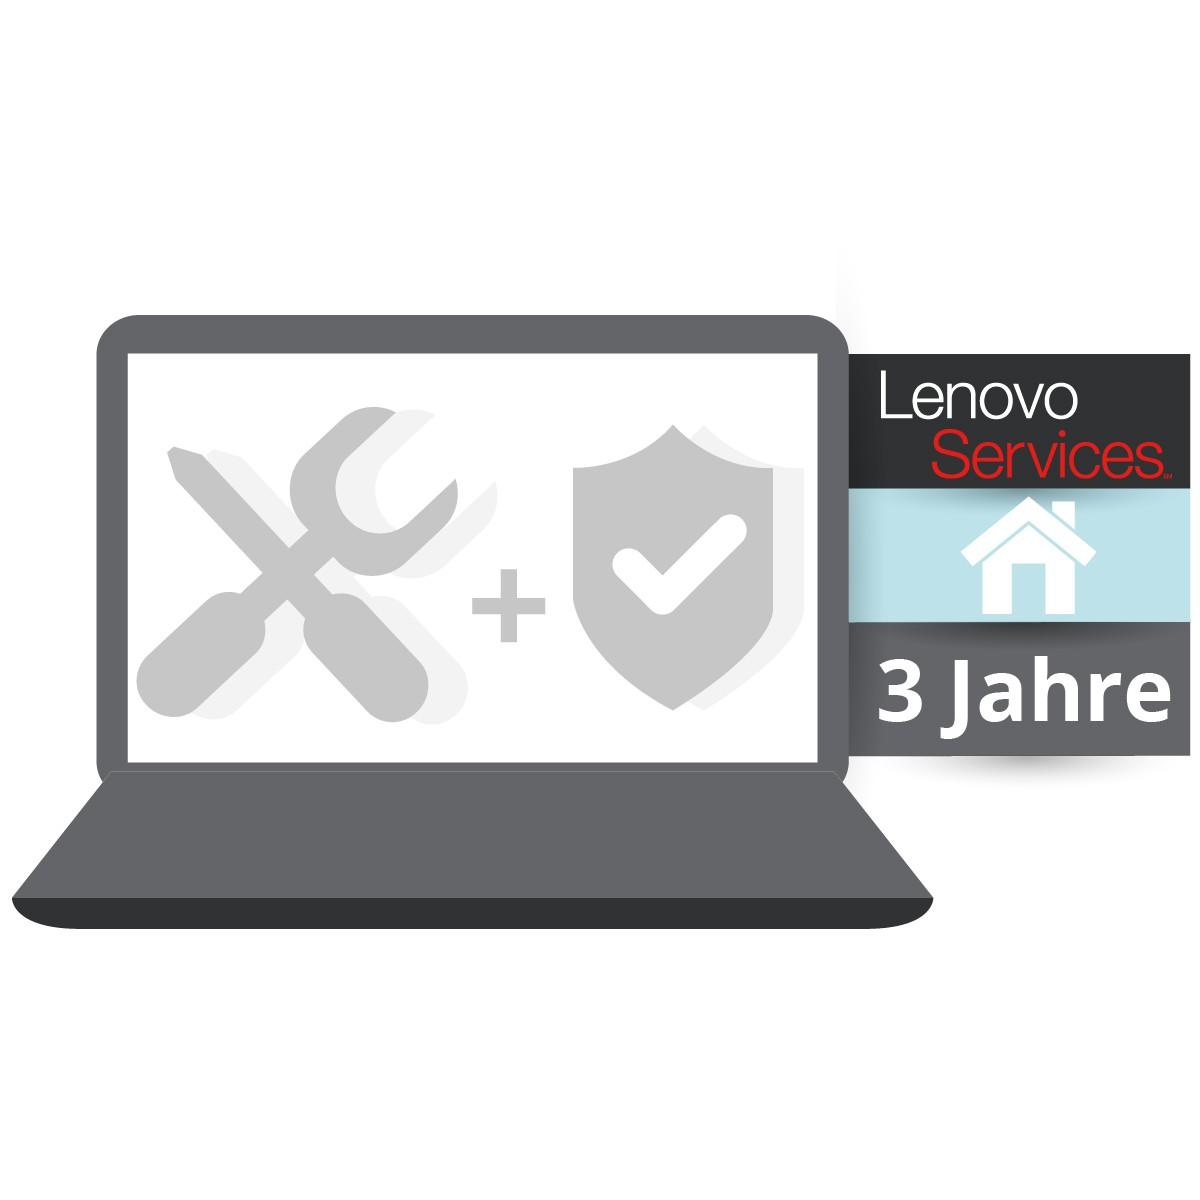 (EOL) Lenovo™ ThinkPlus® 3 Jahre Vor-Ort-Service (NBD) + Unfallschutz (Basisgarantie 1 Jahr Bring-In